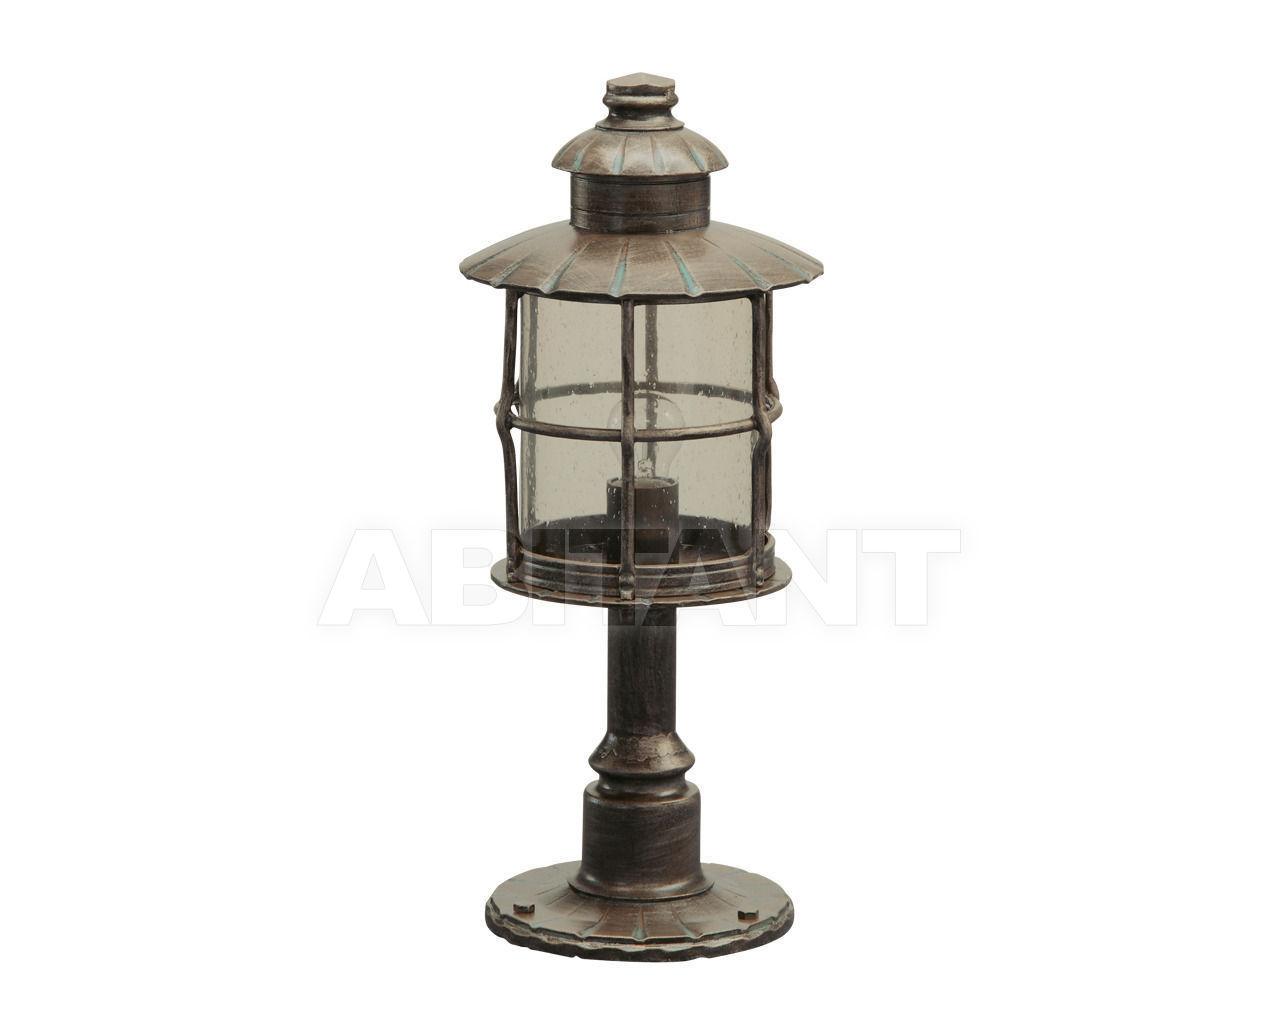 Купить Садовый светильник FMB Leuchten Schmiedeeisen Lampen Und Leuchten 90418